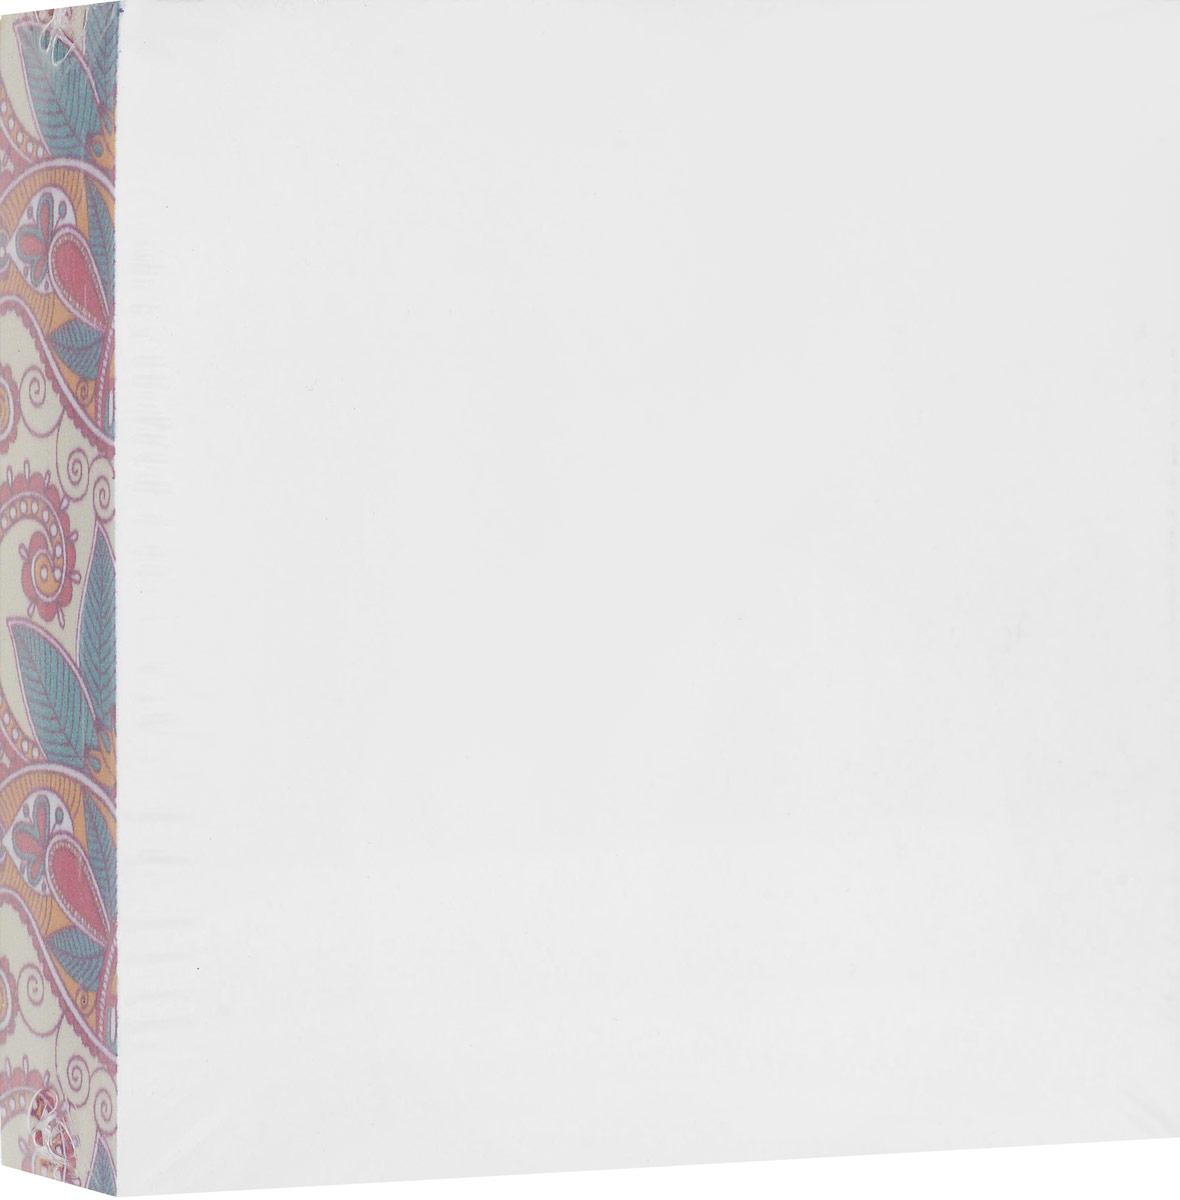 Фолиант Блок для записей Восточные мотивы цвет красный желтый синий 8,5 х 8,5 см 200 листов БЗТ-85/12 алексей аимин хайям – наш современник восточные мотивы